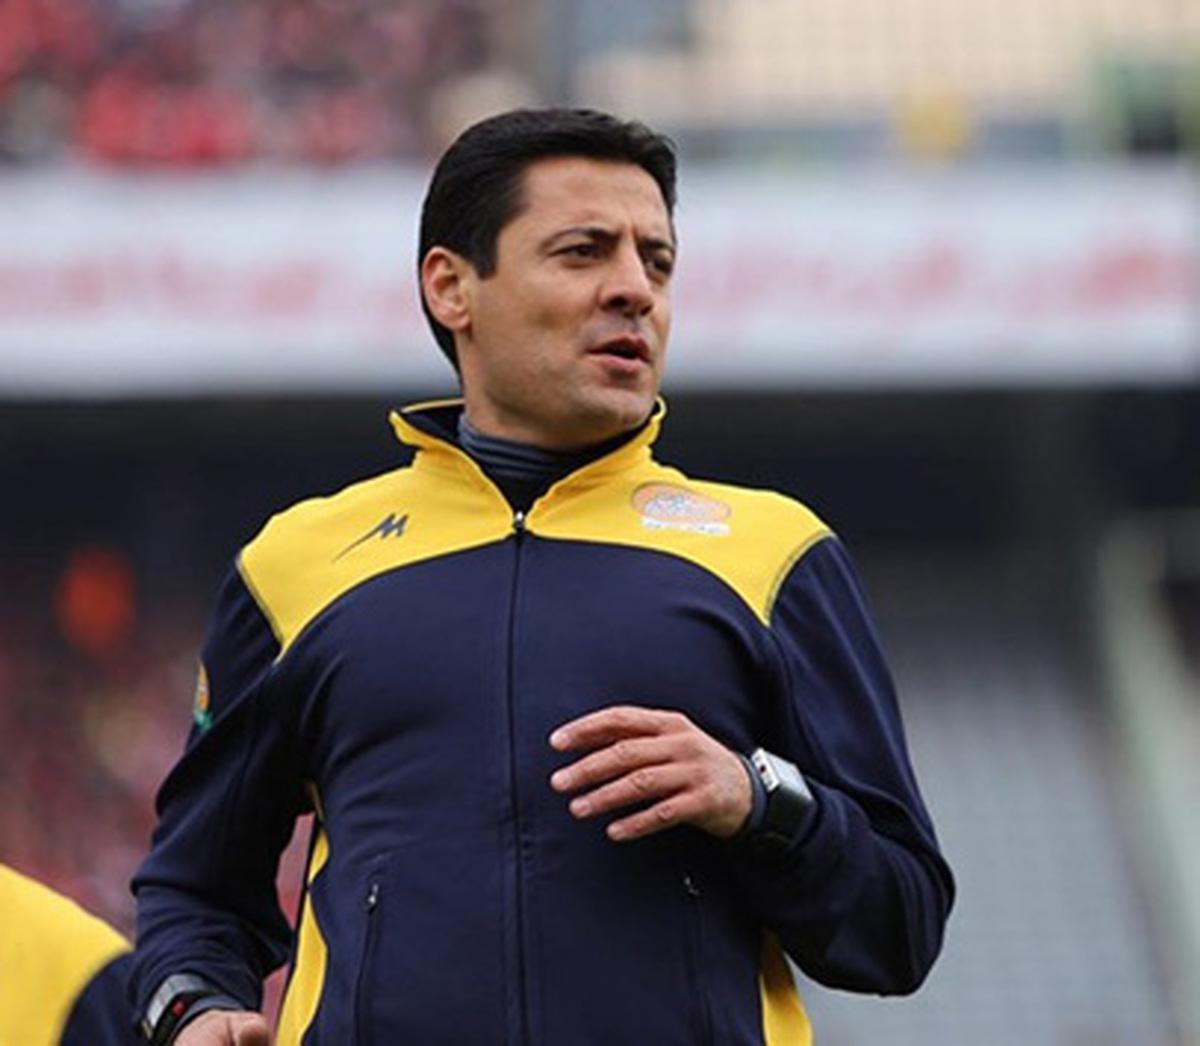 افتضاح فدراسیون فوتبال  رئیس کمیته داوران فغانی را از لیست داوران بین المللی حذف کرد!